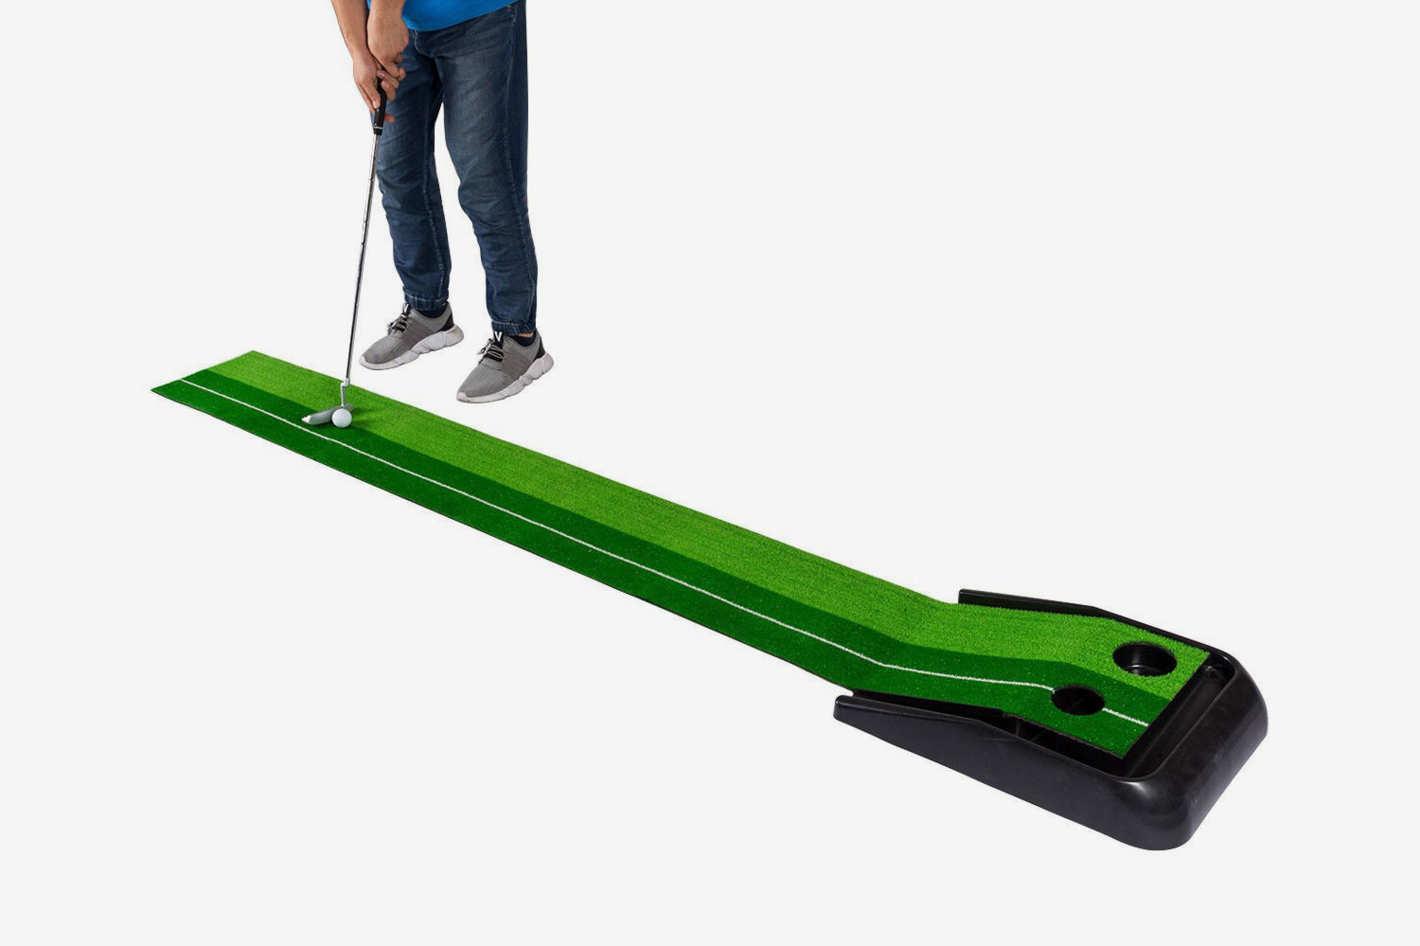 Costway 8FT Golf Practice Putting Mat Training Green Grass Turf Ball Return